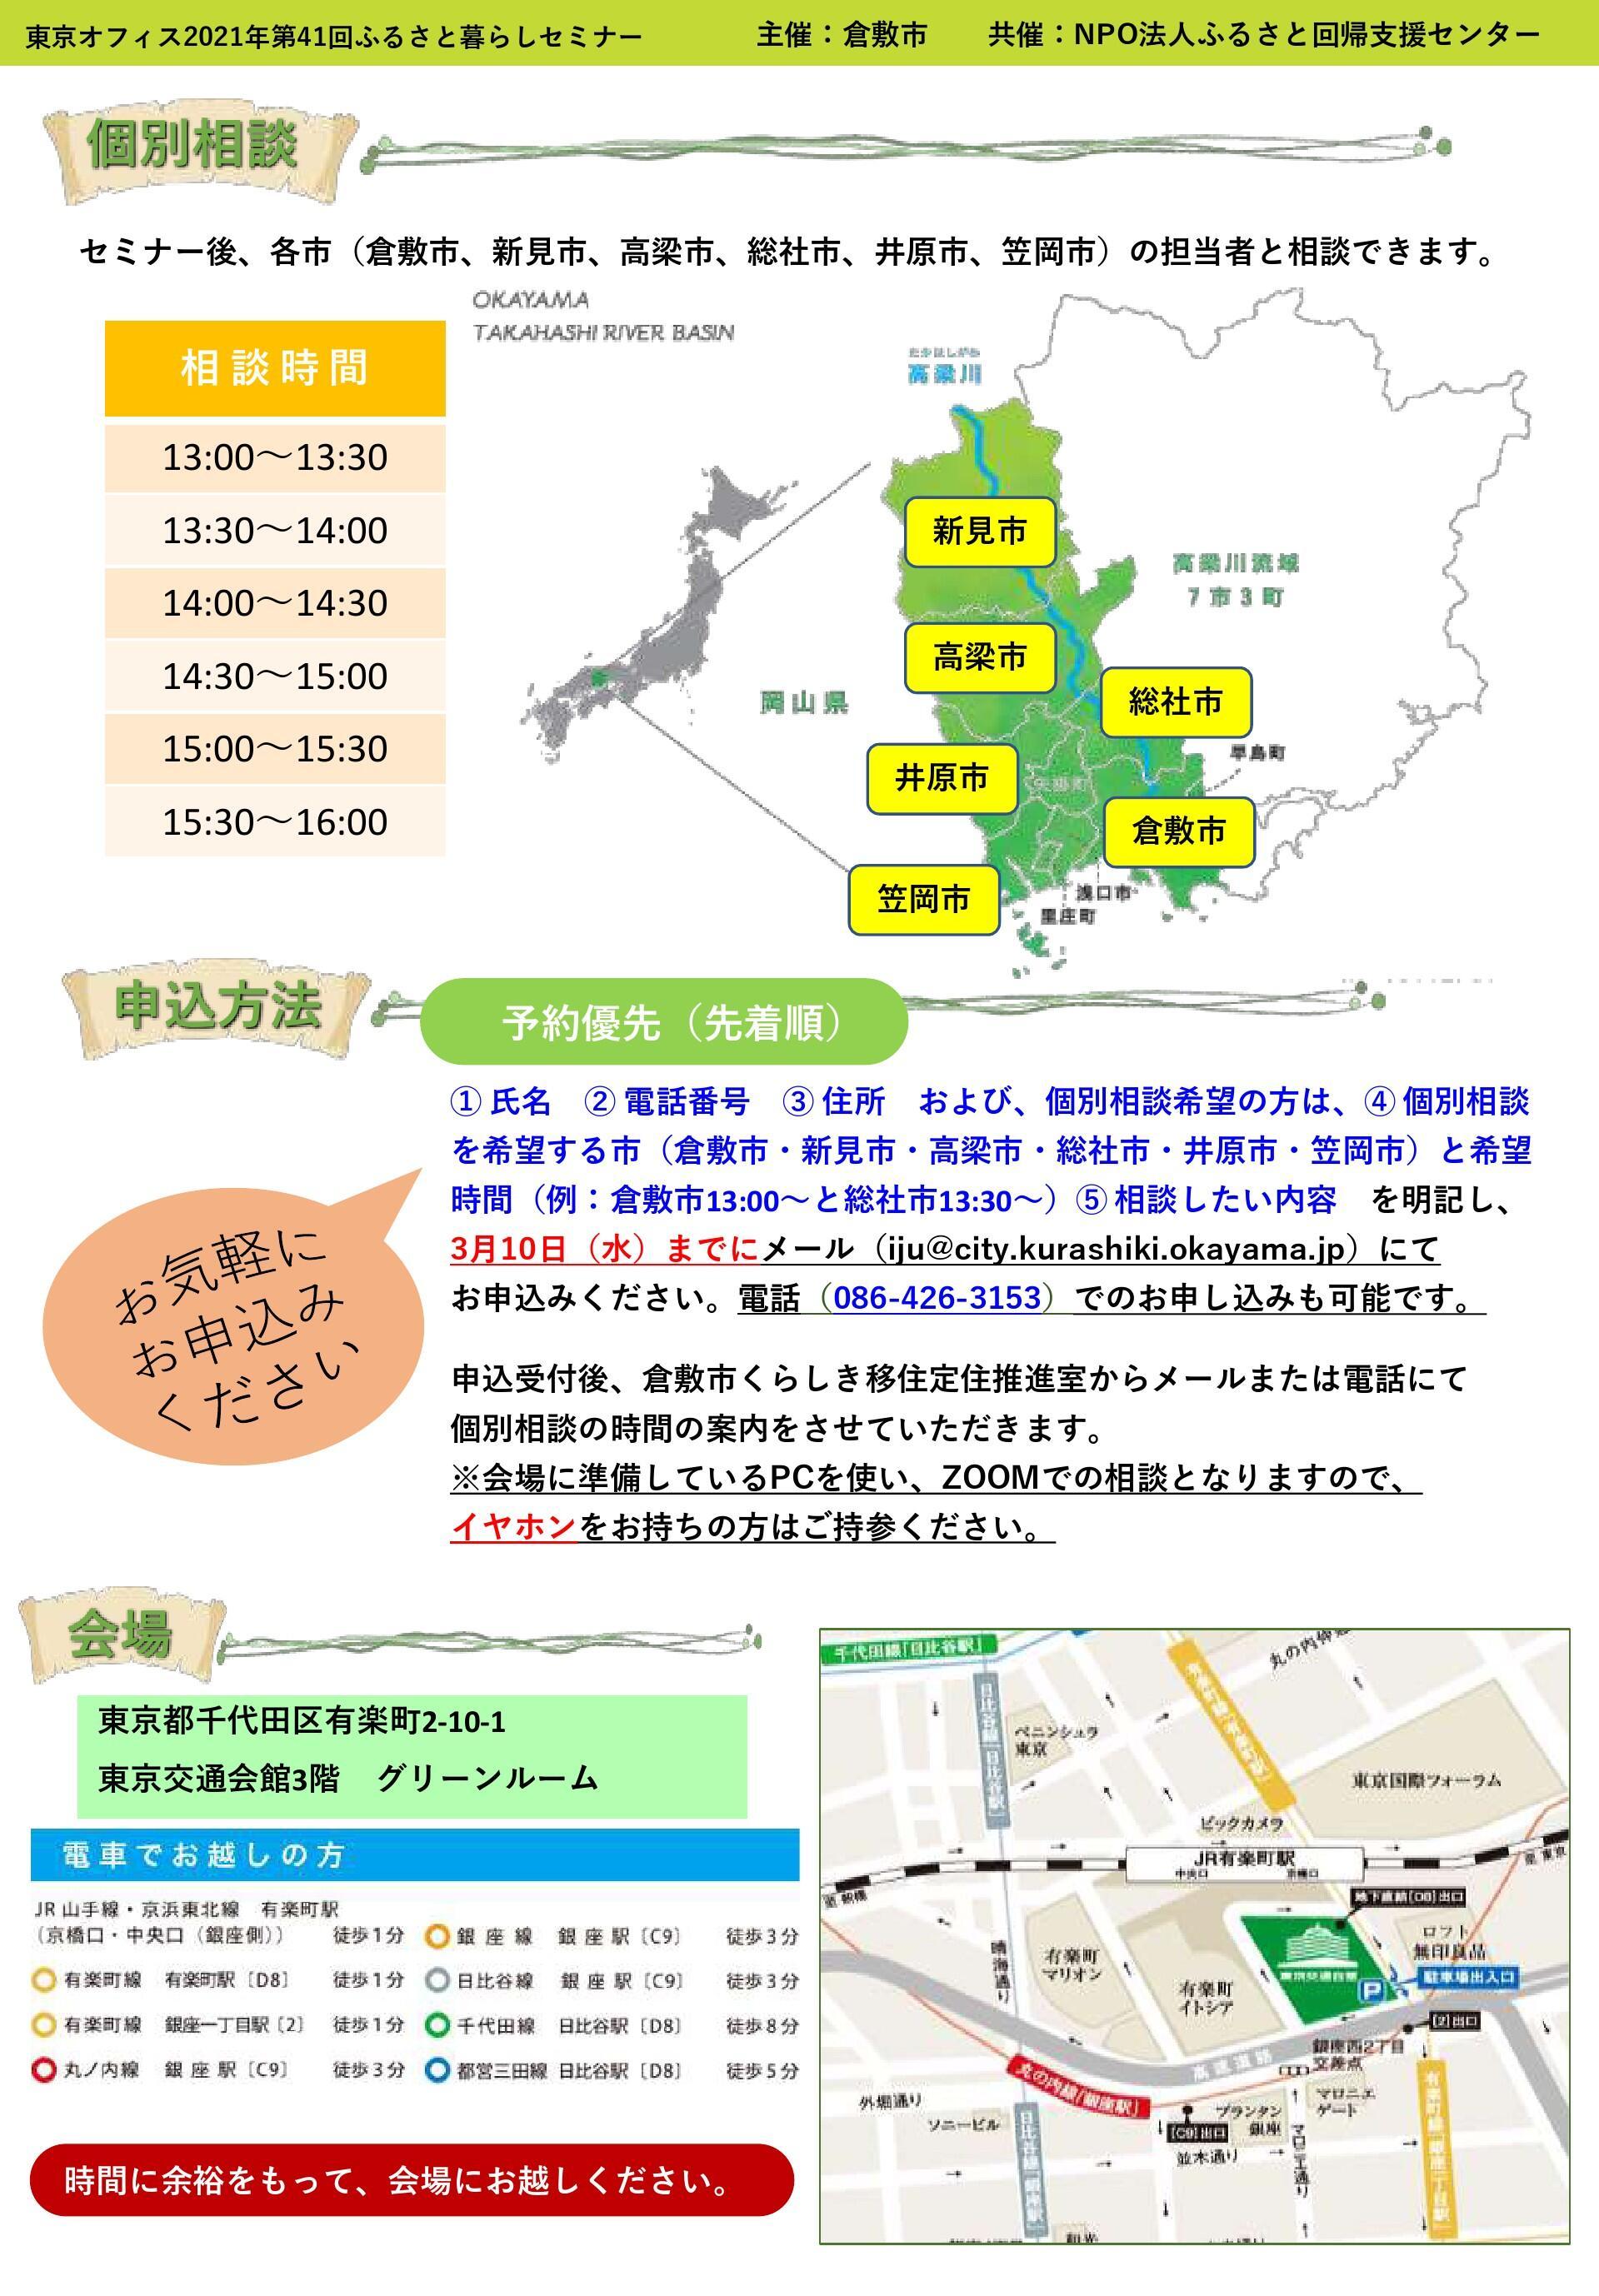 【3/14(日)】おかやま高梁川流域移住フェア(東京)開催します。